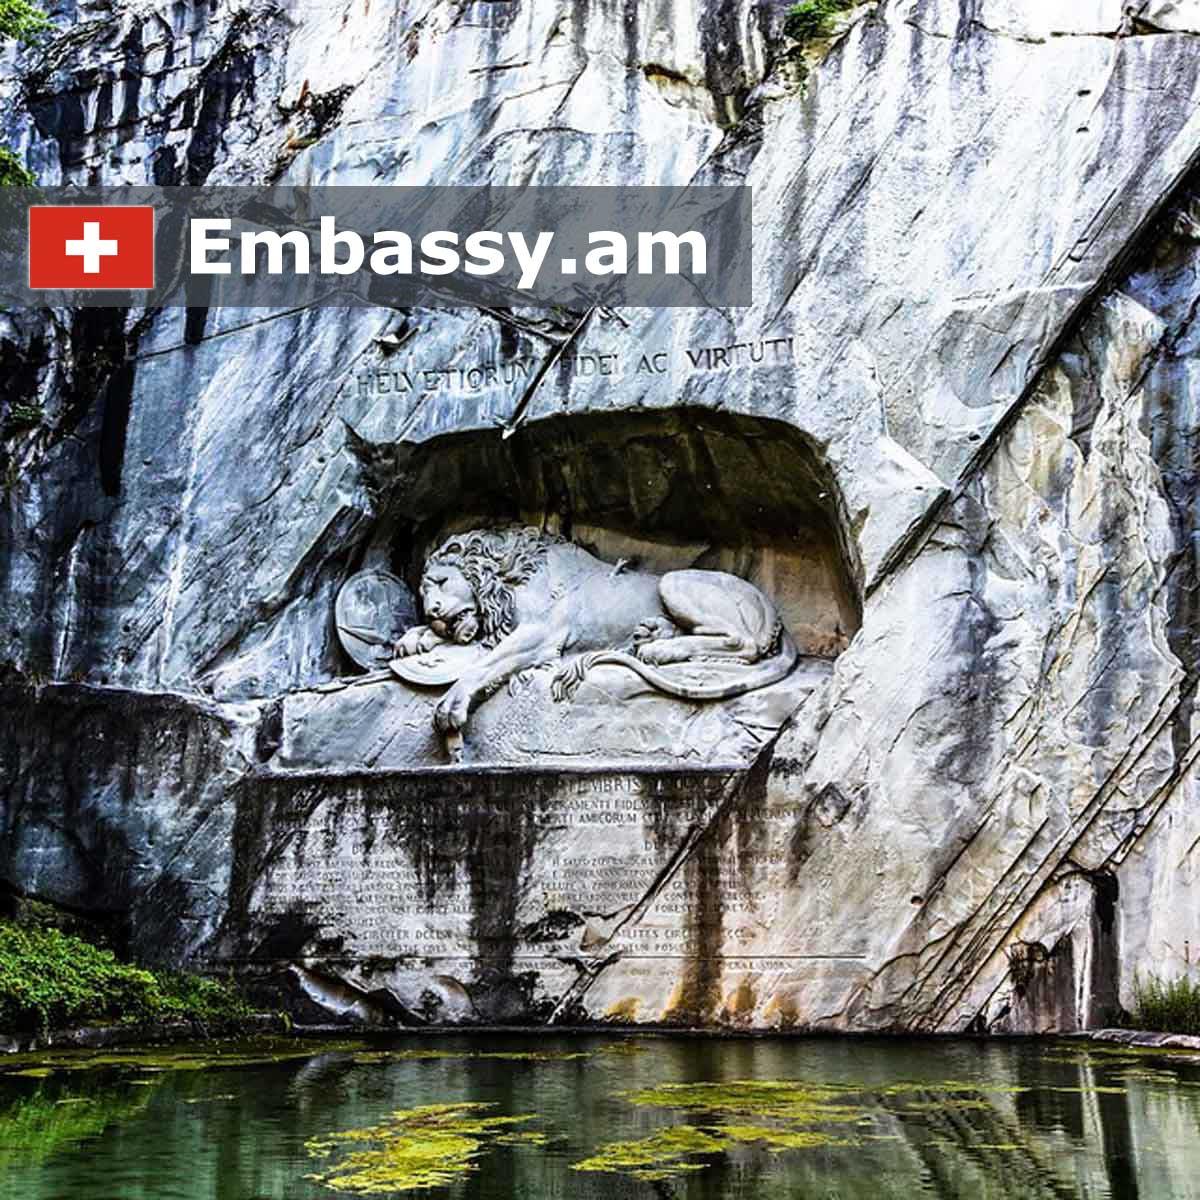 Люцерн - Отели в Швейцарии - Embassy.am